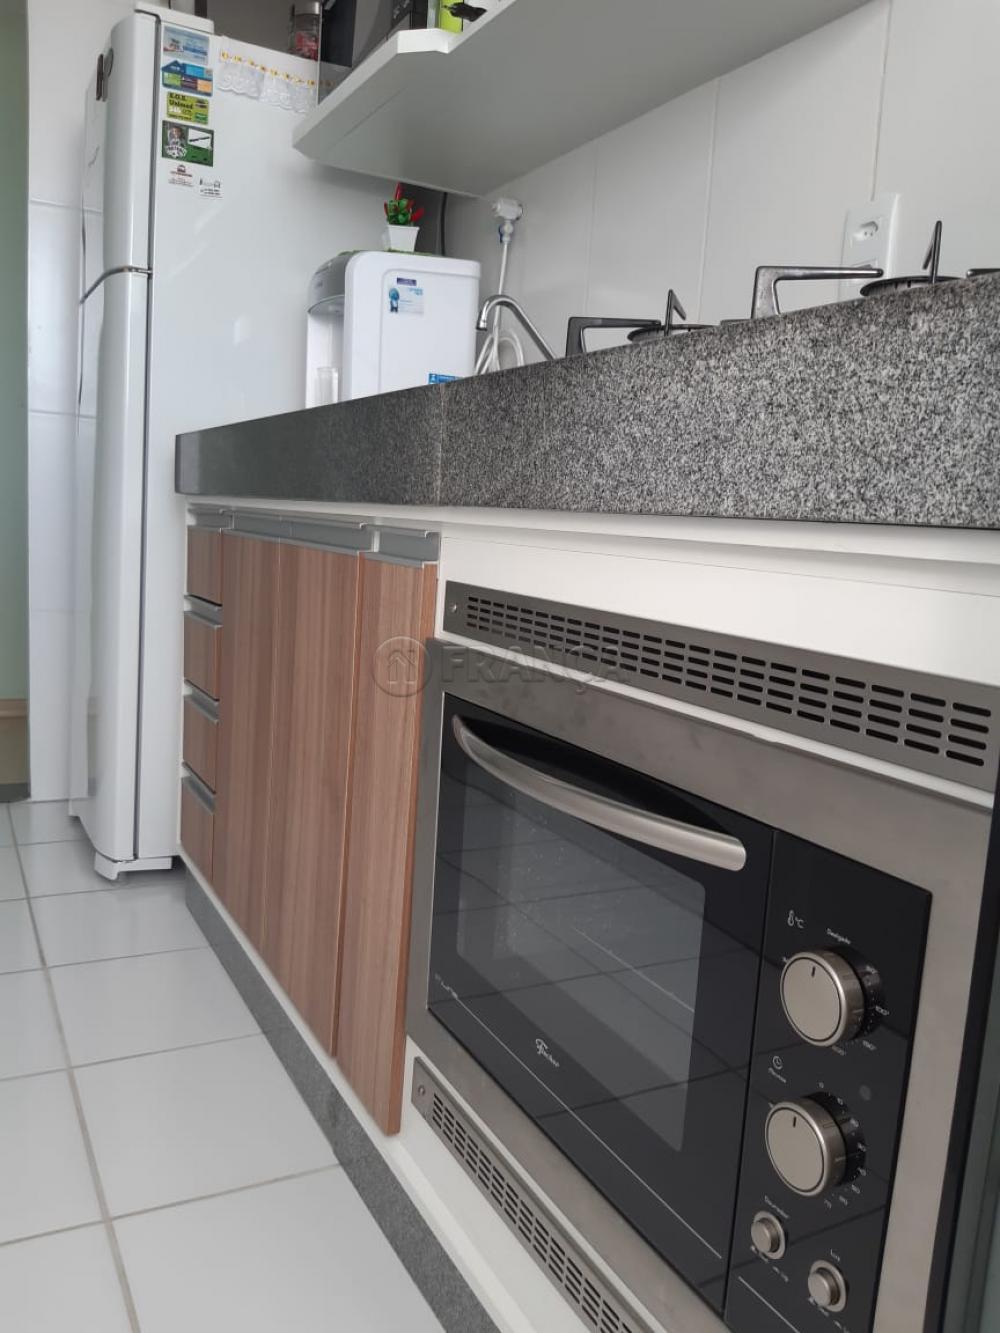 Comprar Apartamento / Padrão em São José dos Campos apenas R$ 160.000,00 - Foto 5